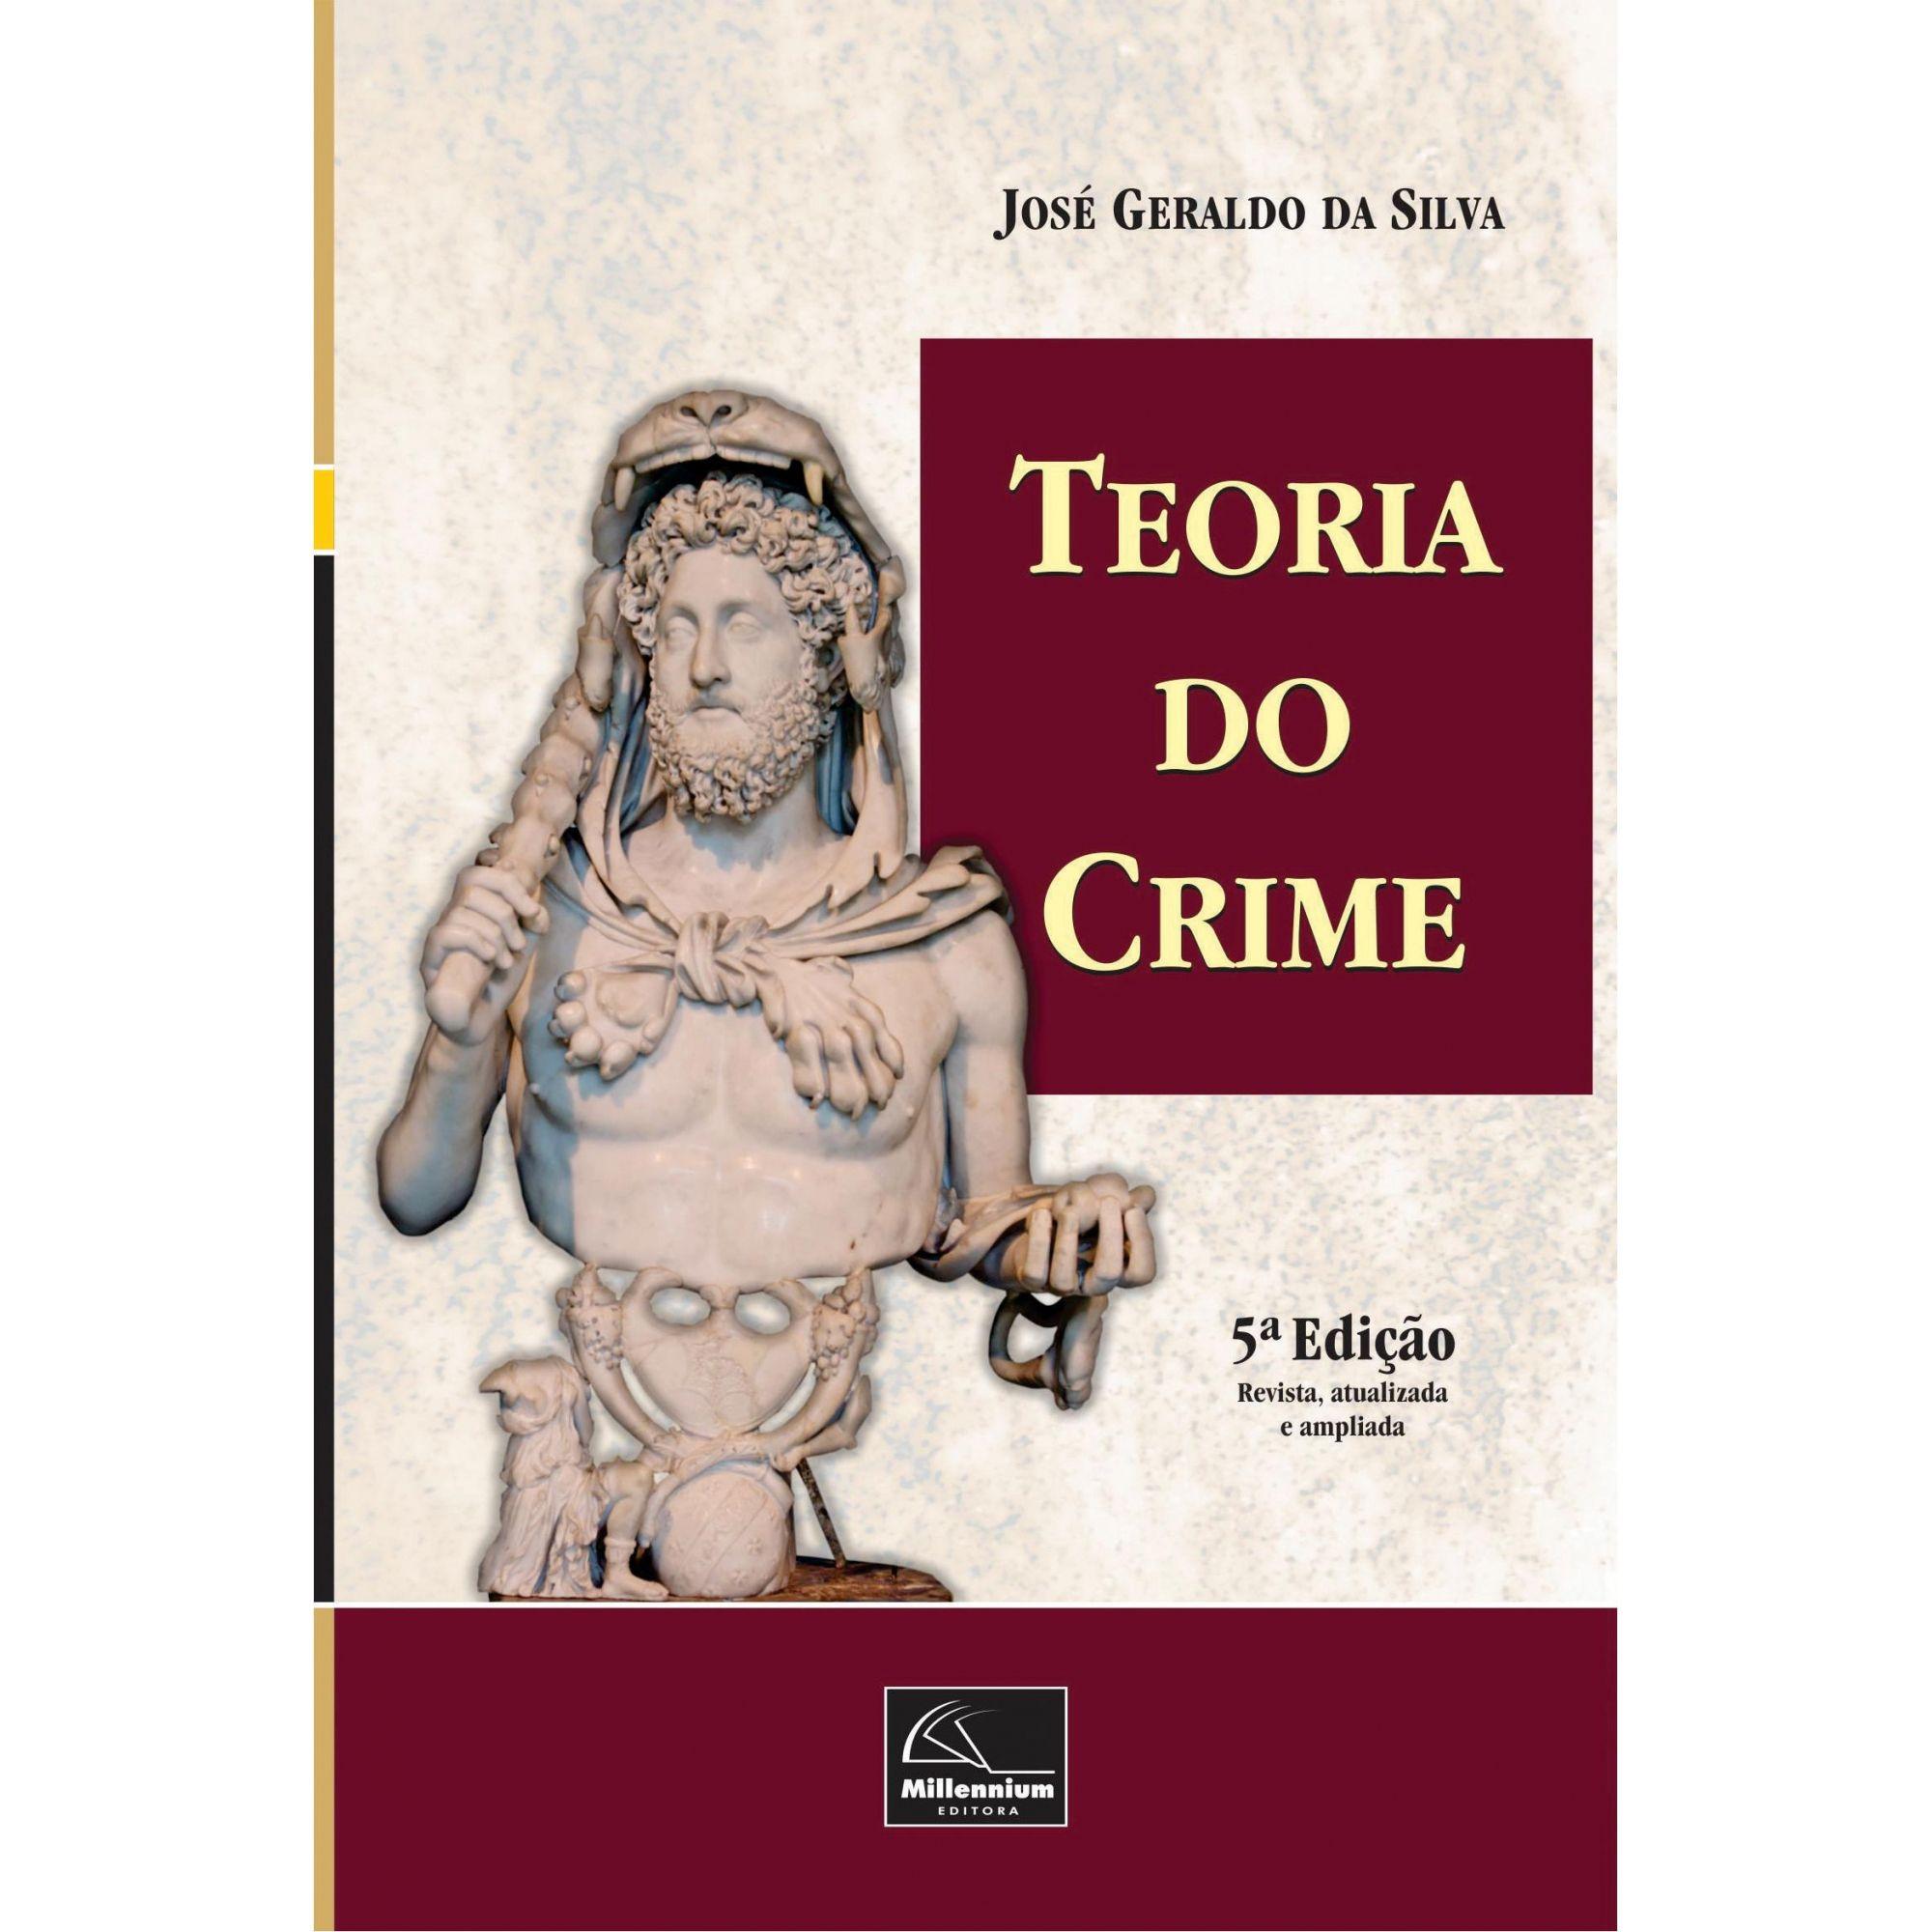 Teoria do Crime 5ª edição <b>Autor: José Geraldo da Silva</b>  - Millennium Editora - Livros de Perícia